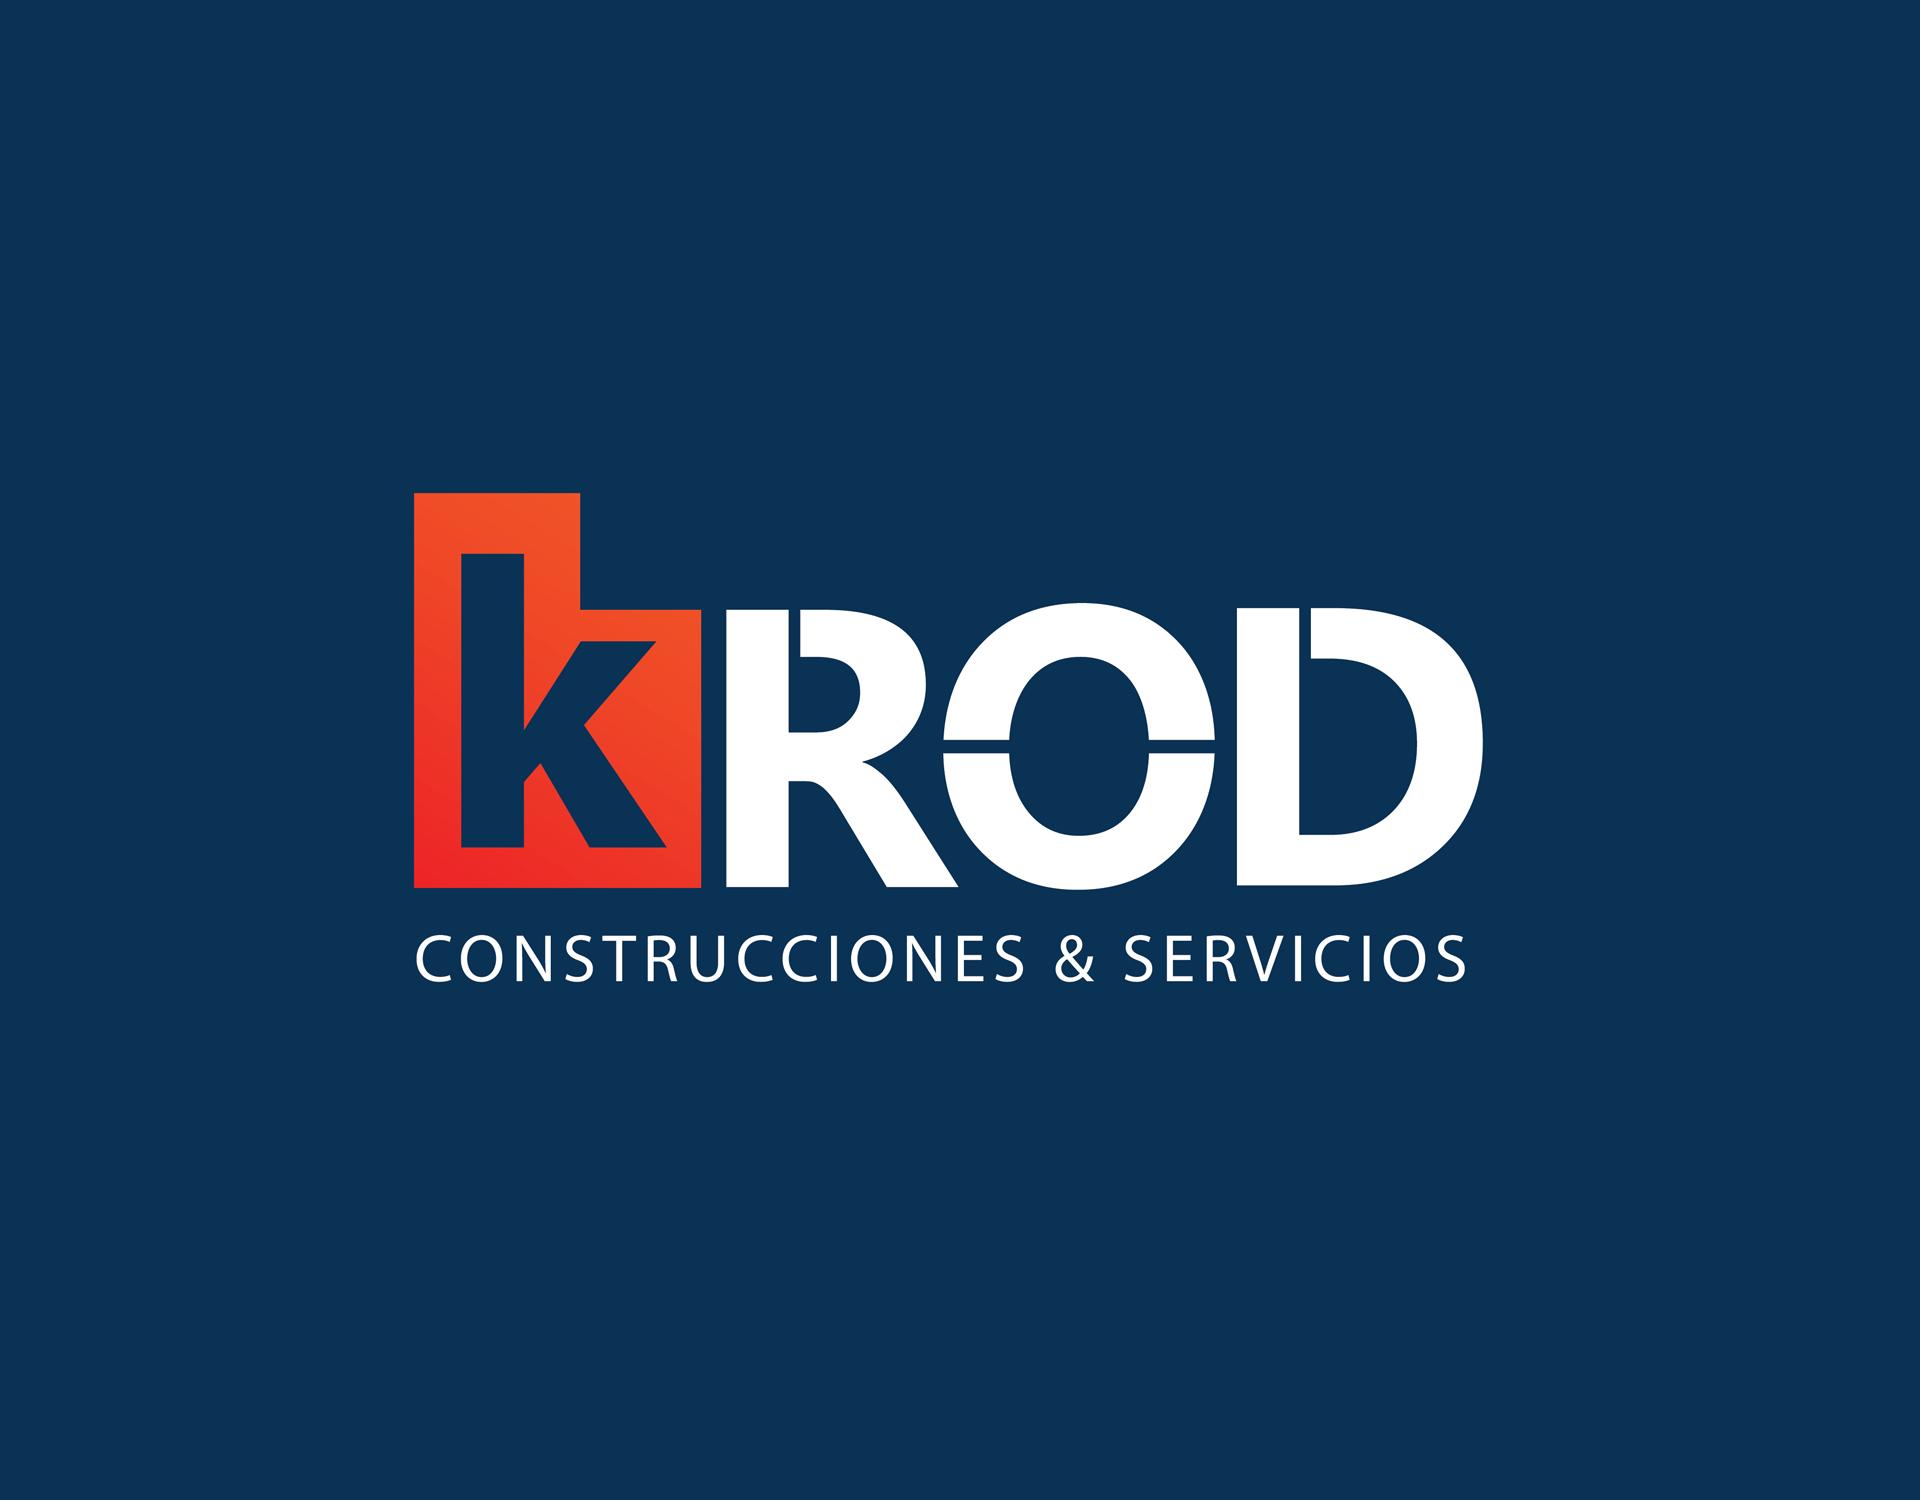 Creación Línea Gráfica constructora KROD | Cliente: KROD